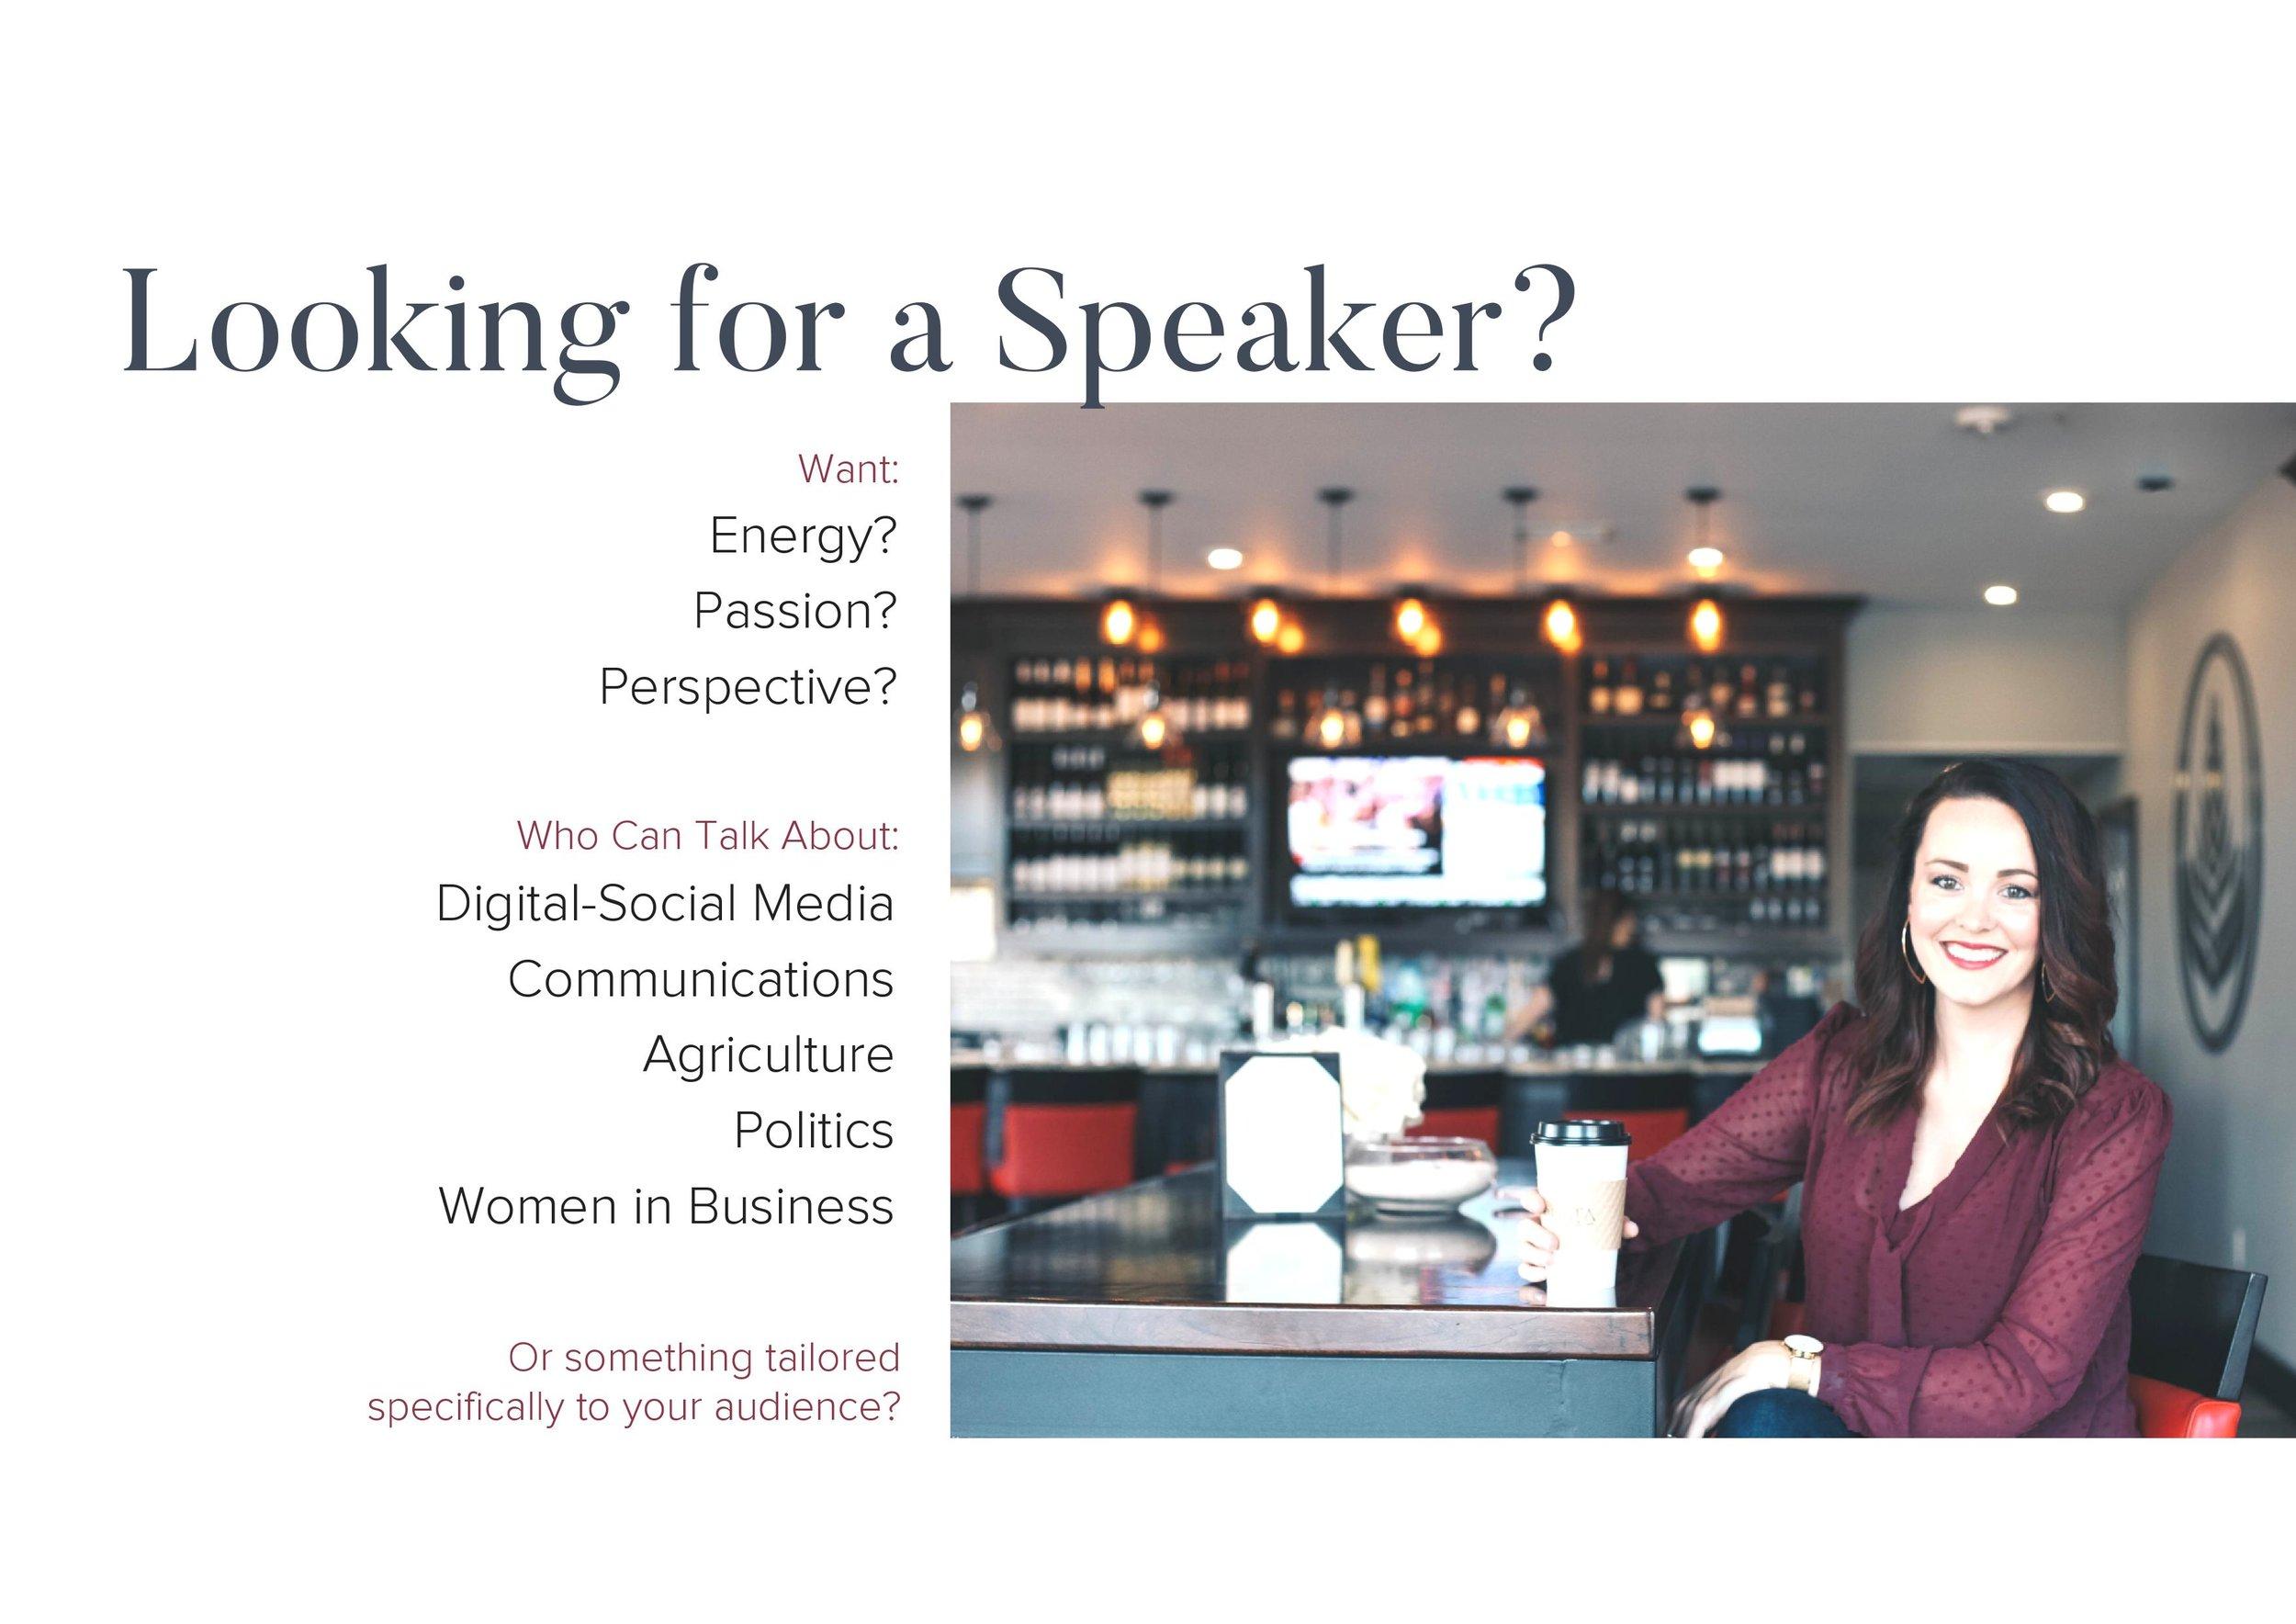 Looking for a Speaker.jpg